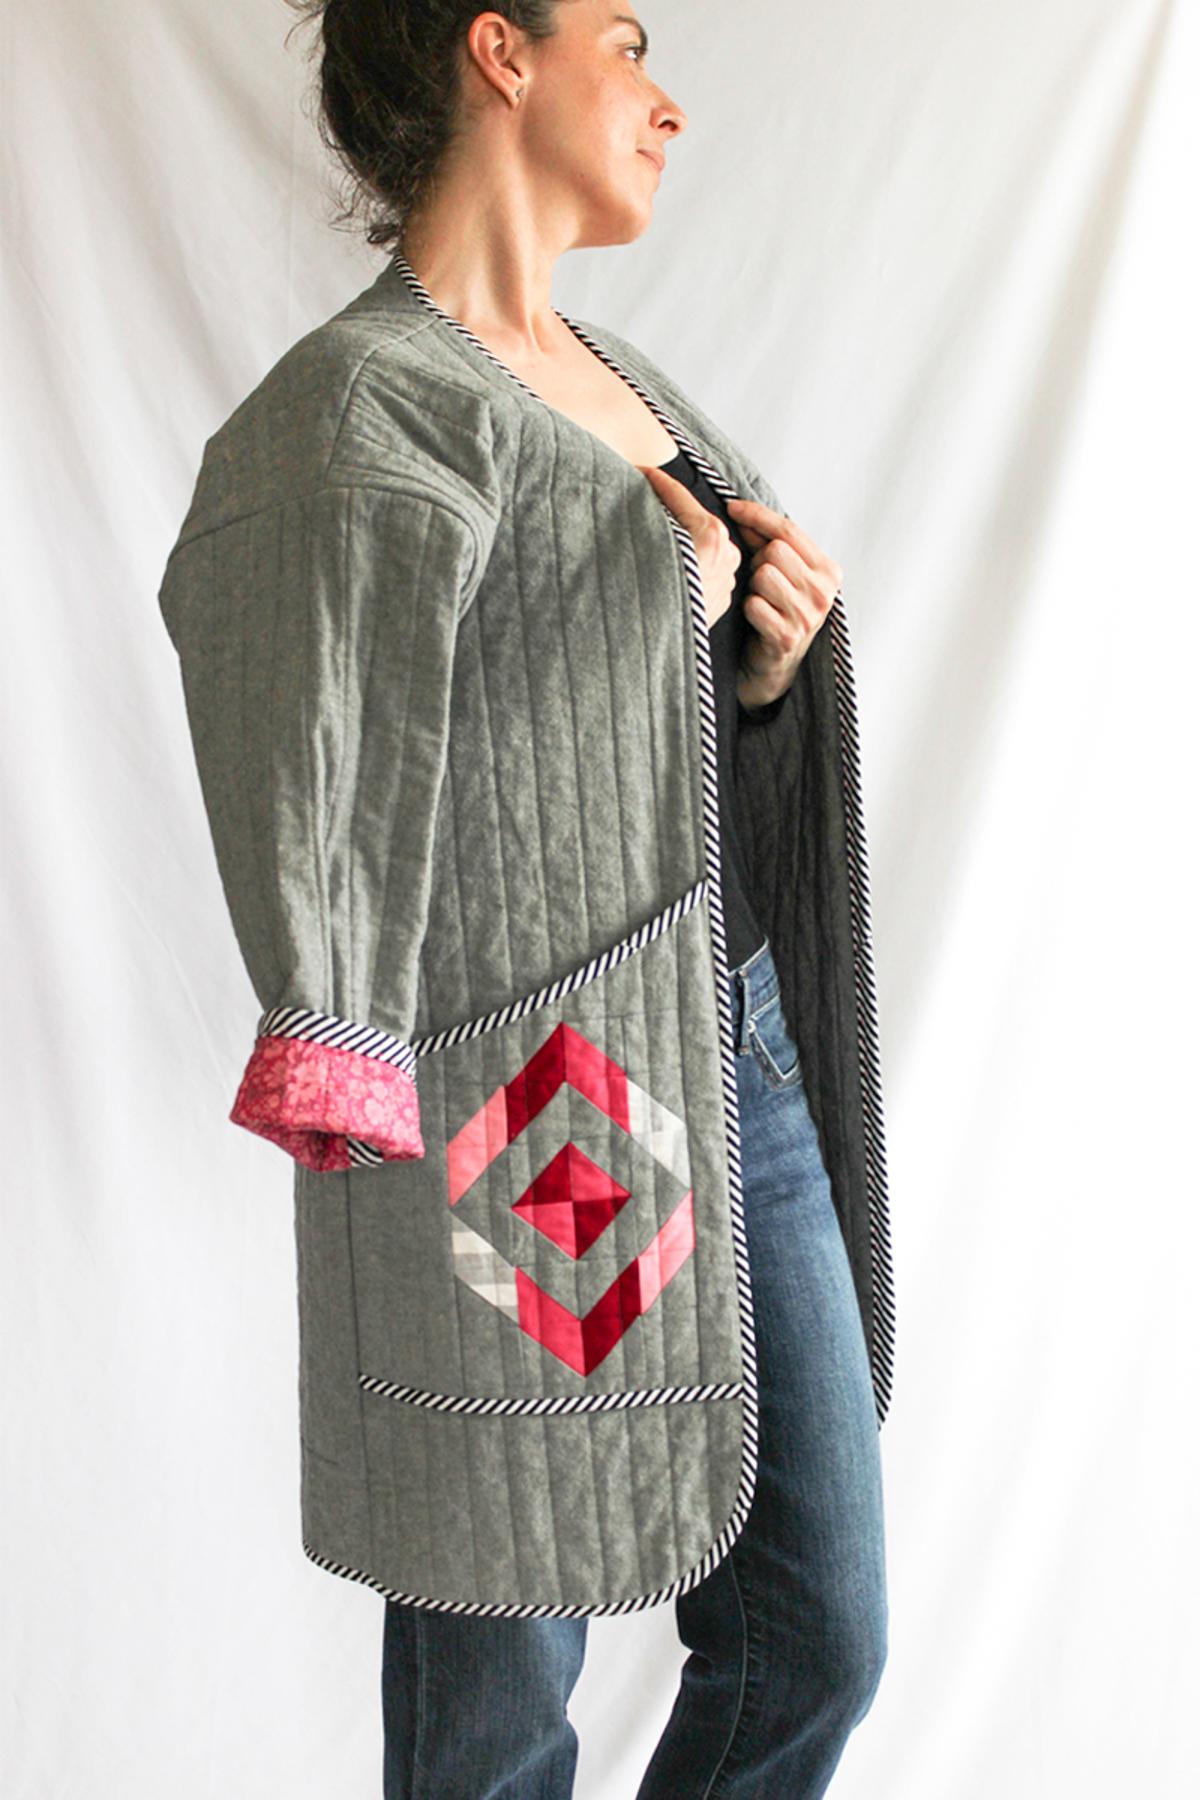 Shannon Fraser Etched Diamond quilt design on Hovea Quilt Coat | Megan Nielsen Patterns Blog